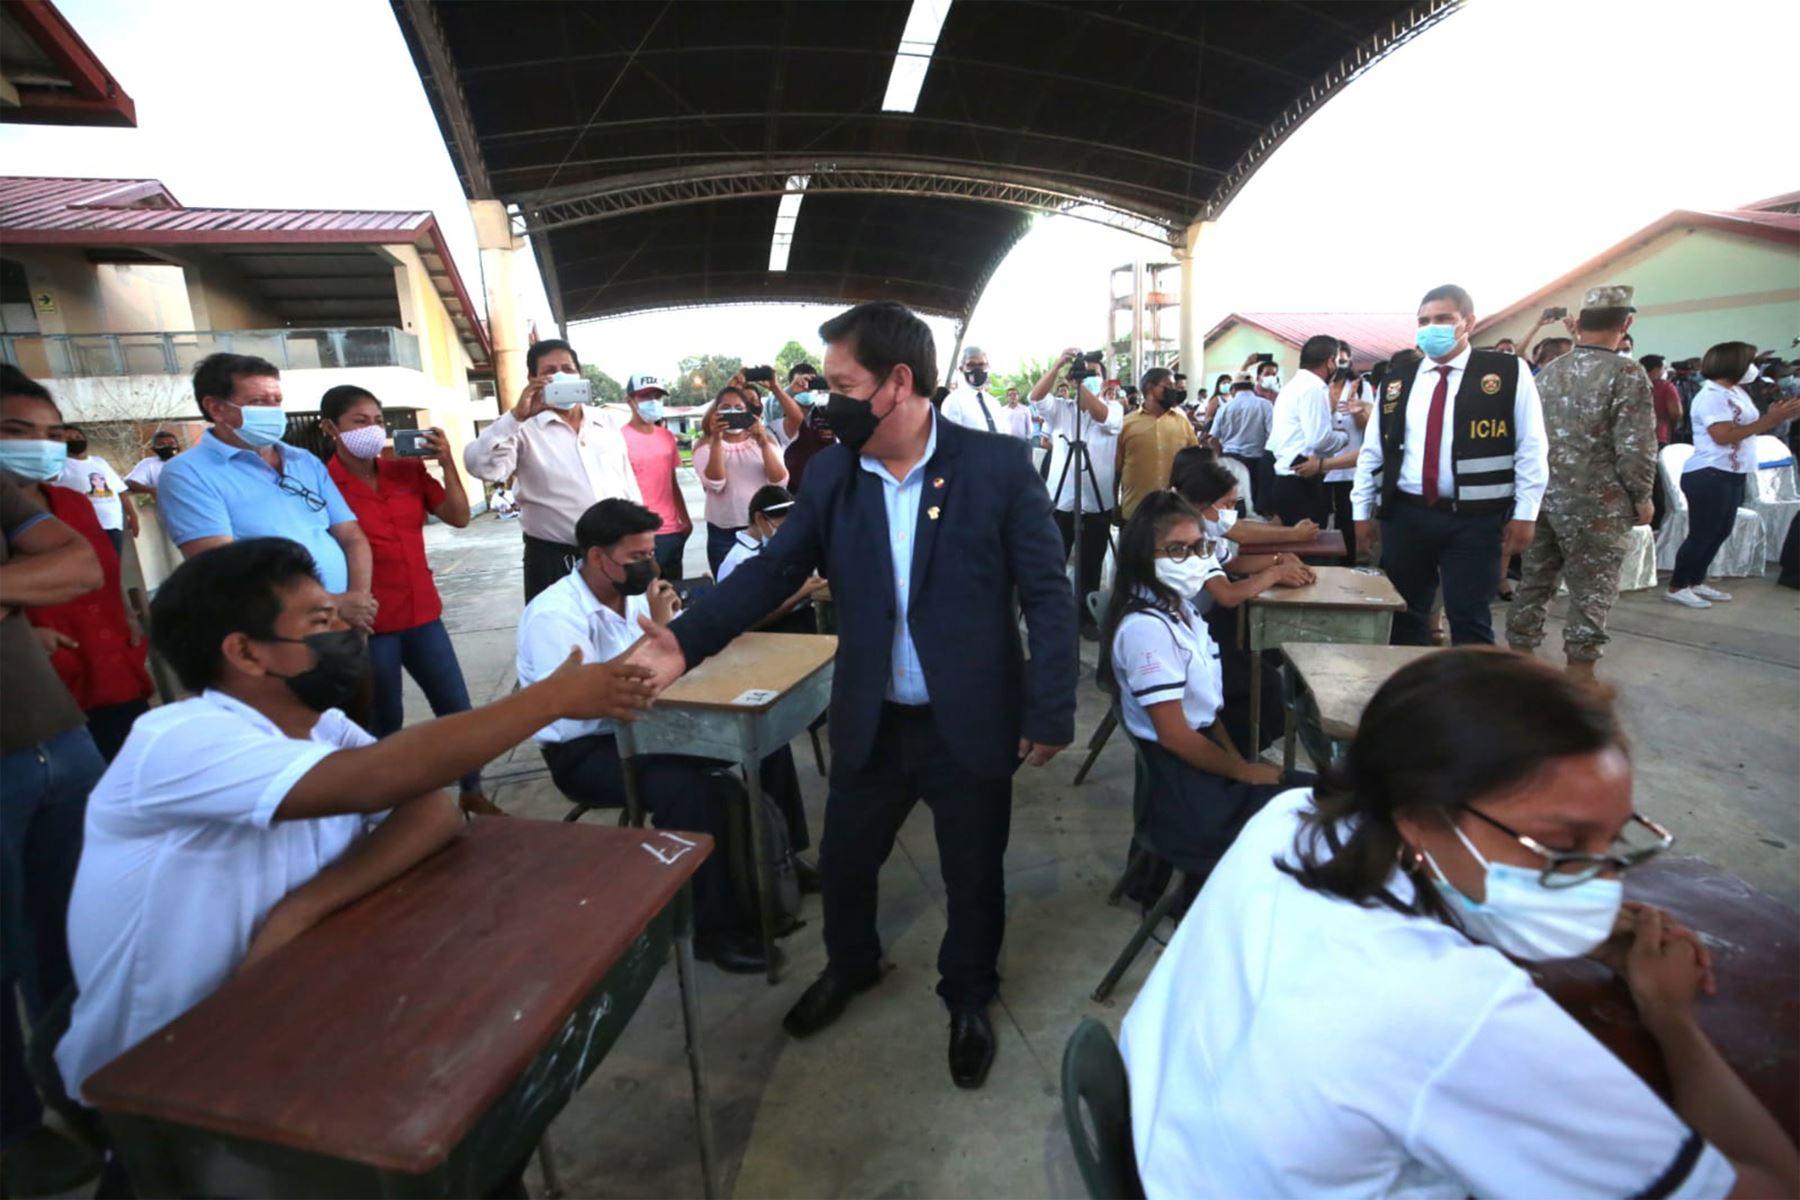 El presidente del Consejo de Ministros, Guido Bellido, inauguró el servicio de implementación de Internet a través de fibra óptica en el colegio emblemático Mariscal Óscar R. Benavides, en Iquitos, iniciativa del sector privado a favor de la educación. Foto: PCM